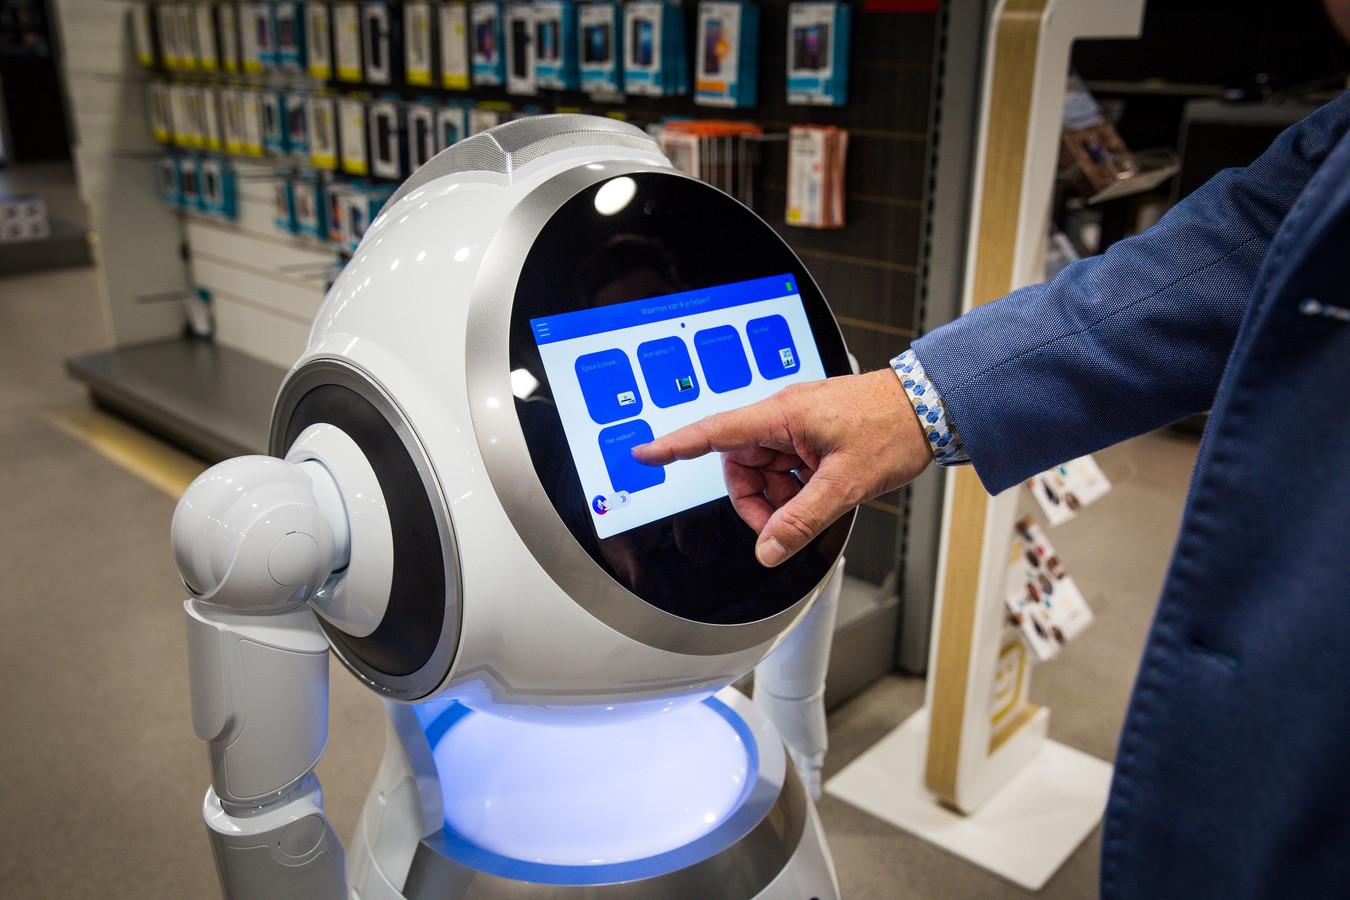 Even aanraken en de robot verwelkomt de klanten